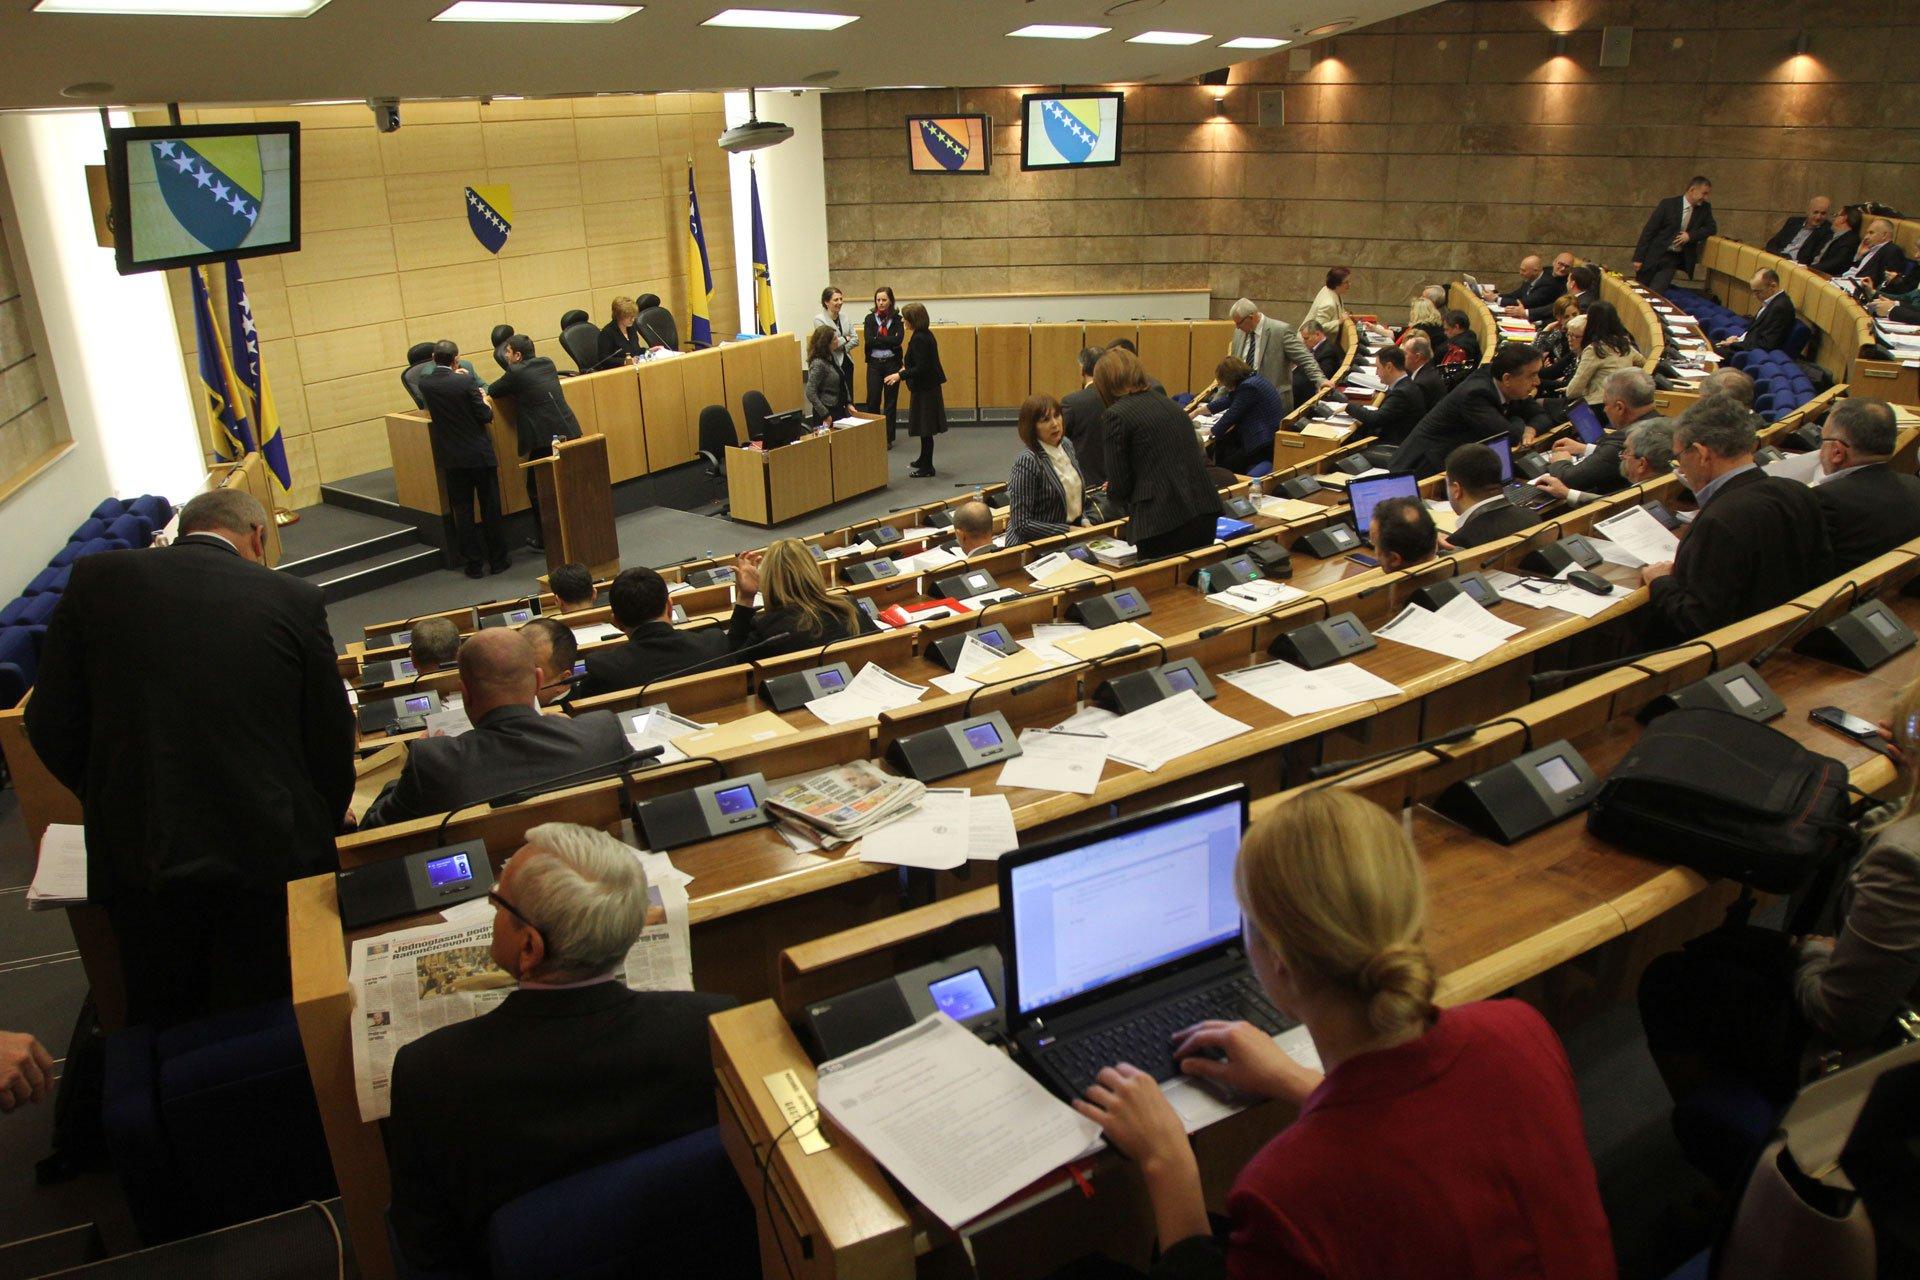 Izmjene i dopune Zakona o radu pred Parlamentom FBiH naredne sedmice